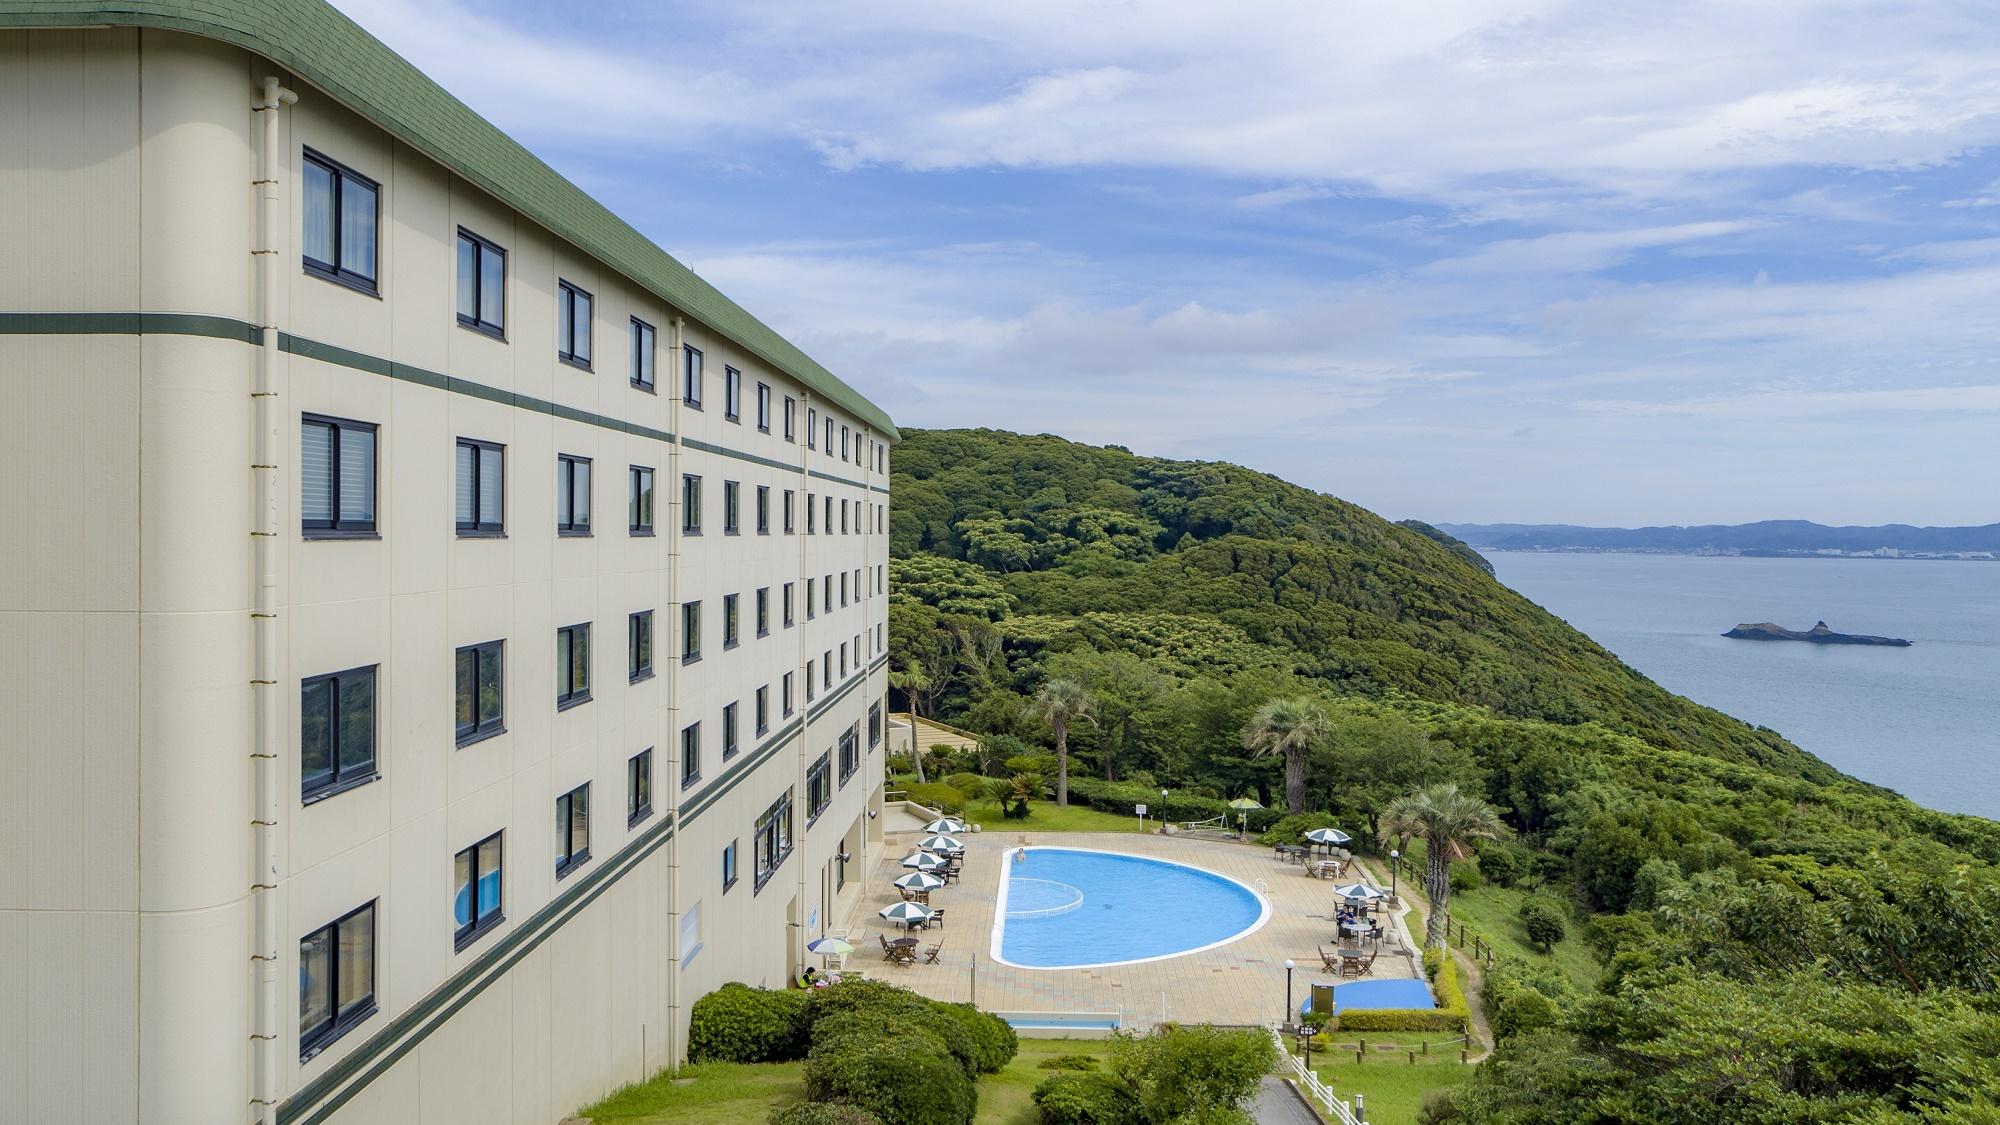 ホテル&リゾーツ 南房総 −DAIWA ROYAL HOTEL−